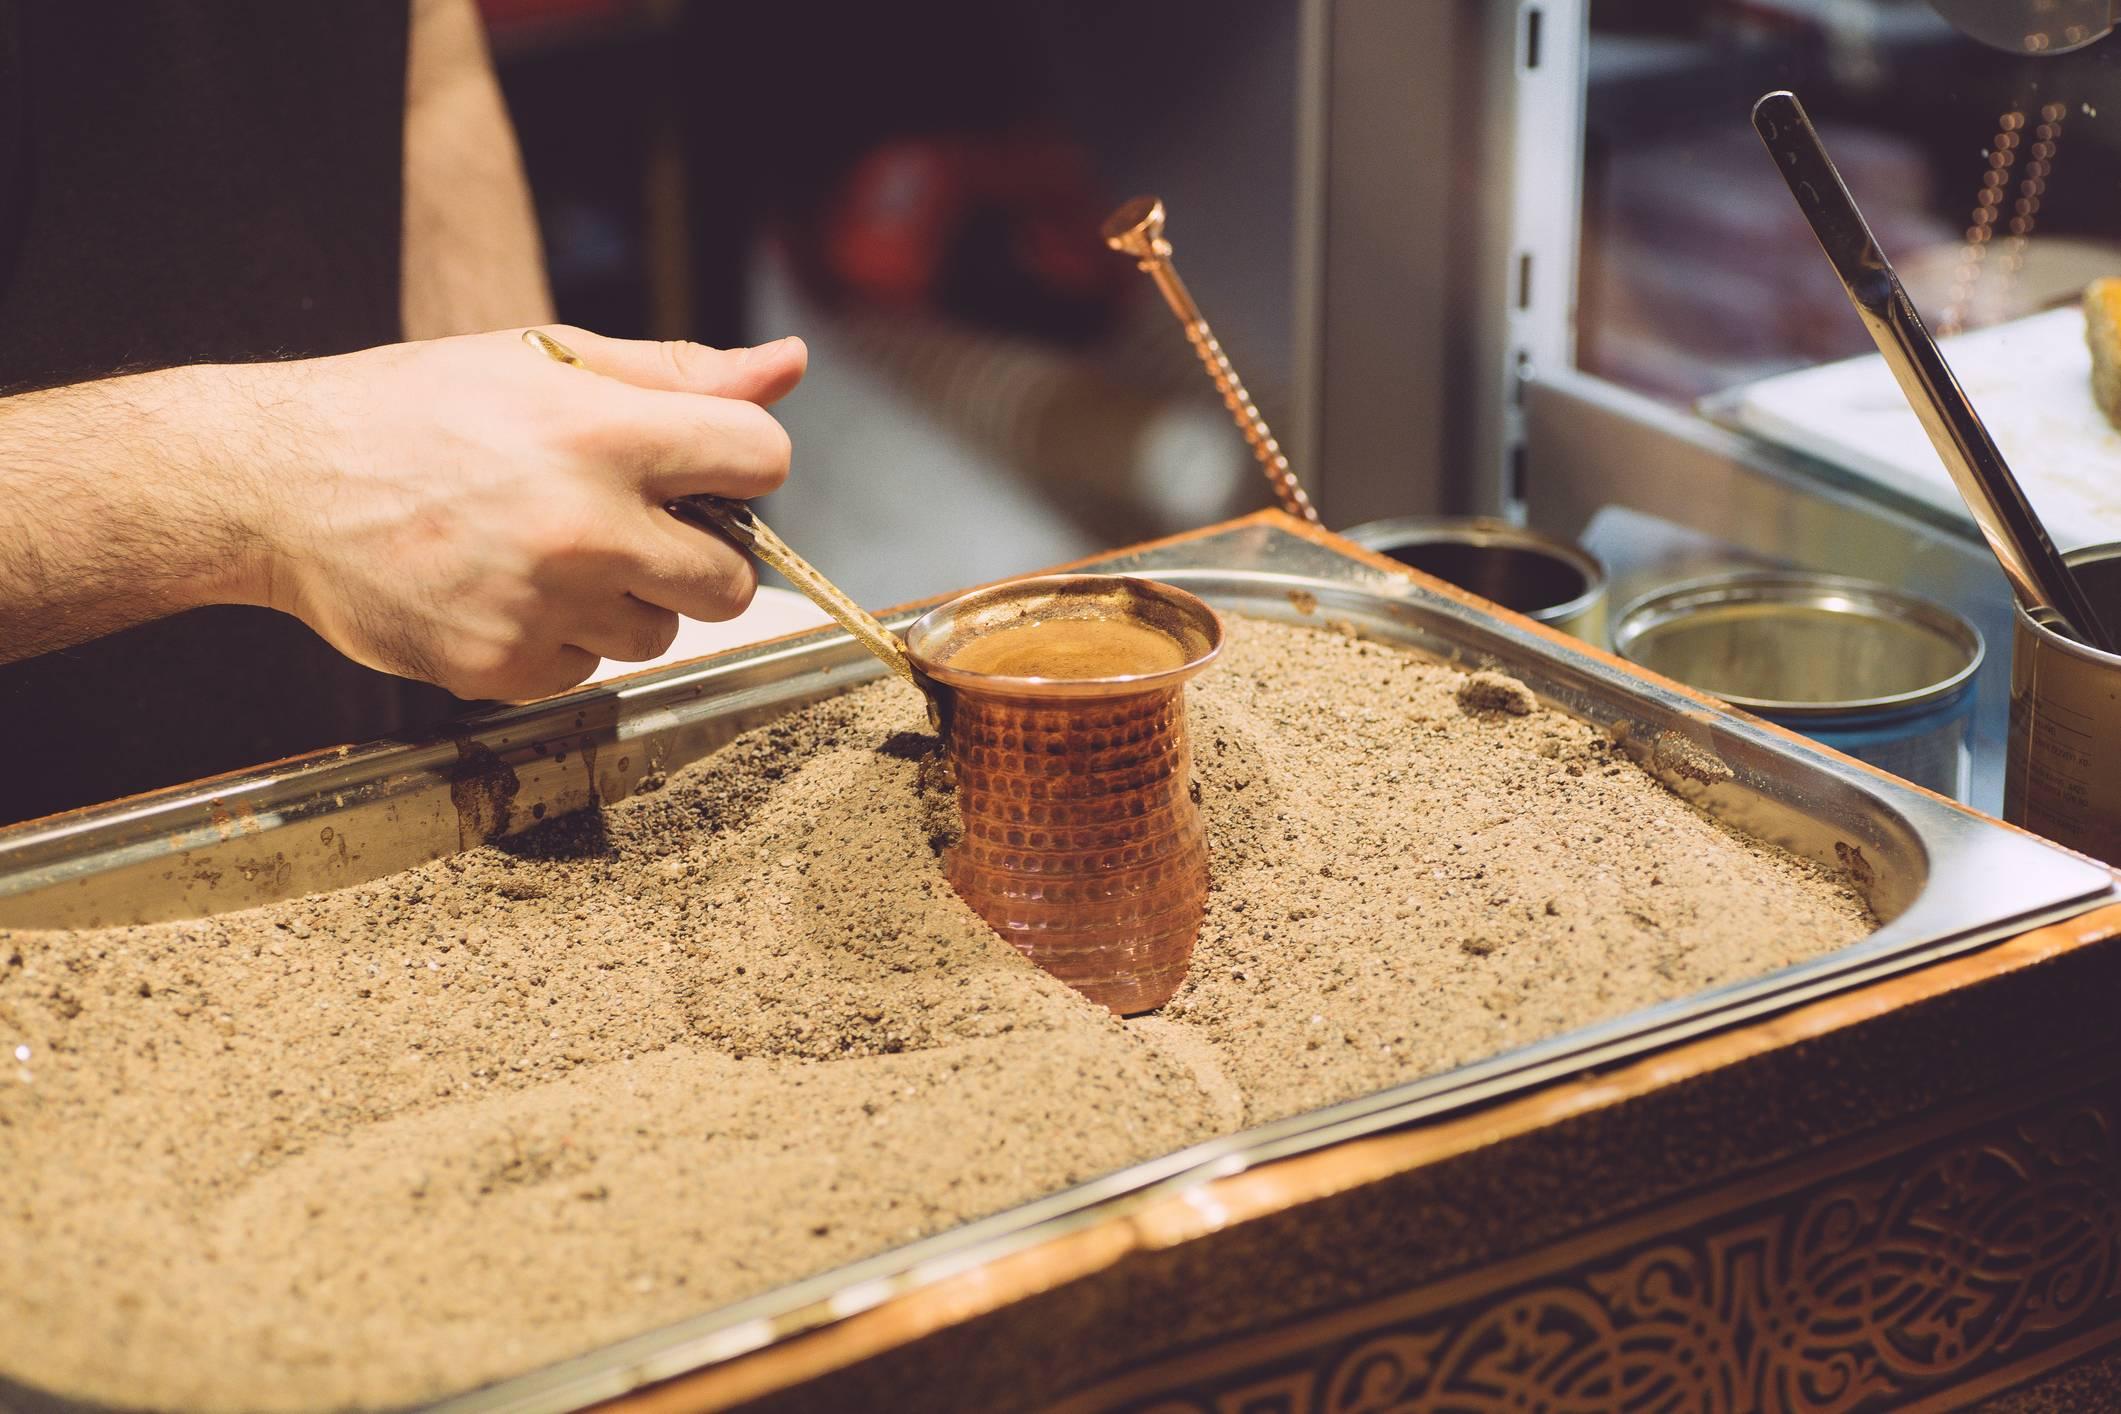 Как варить кофе в кастрюле на плите? как правильно сварить дома без турки молотый продукт, рецепт напитка